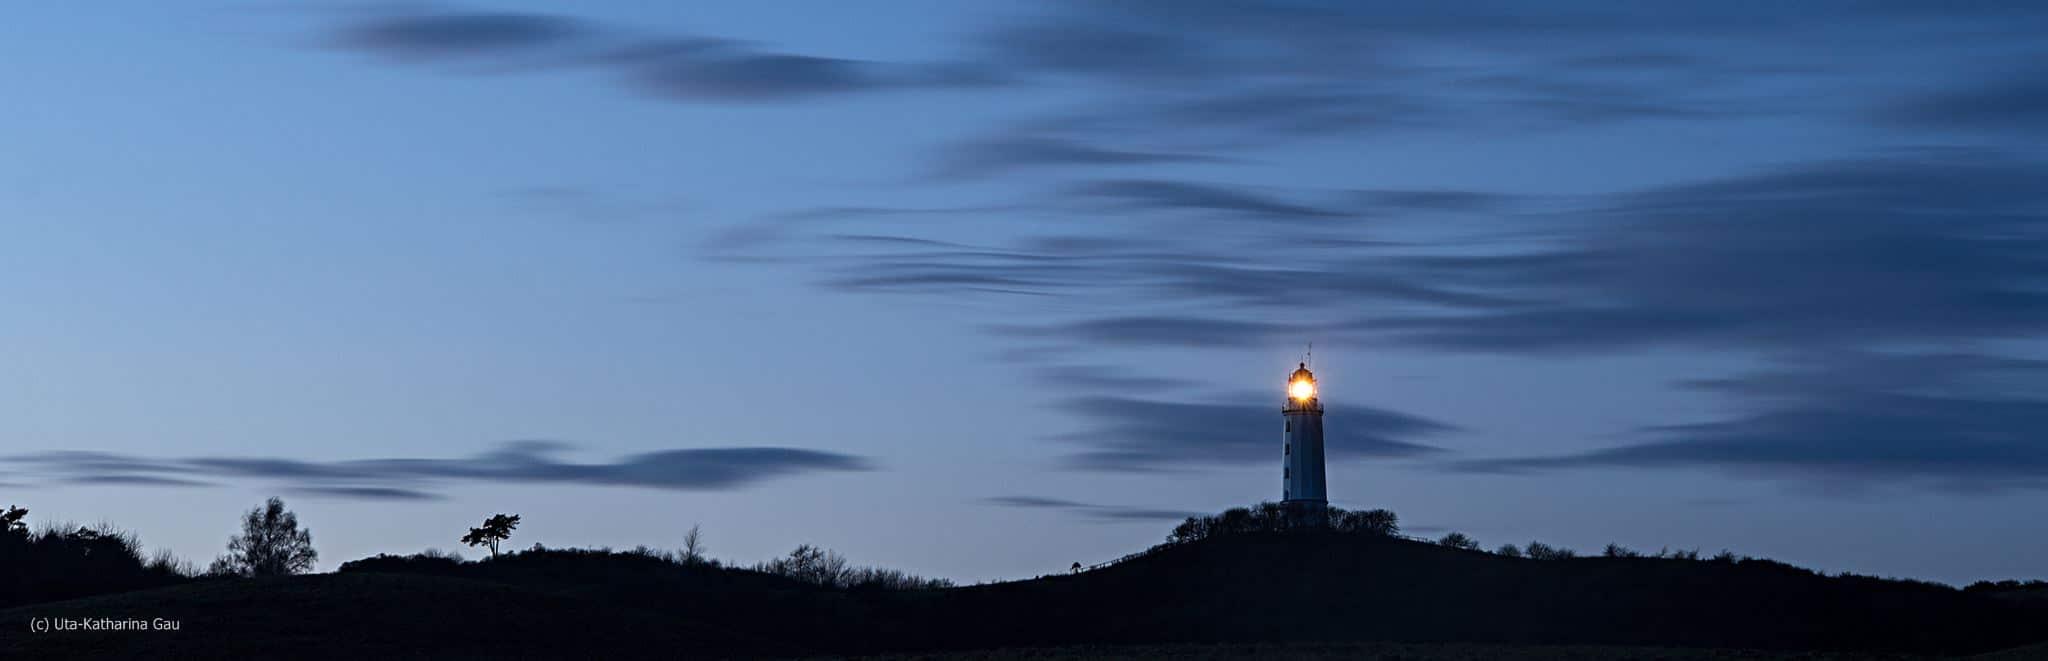 leuchtturm_startseite